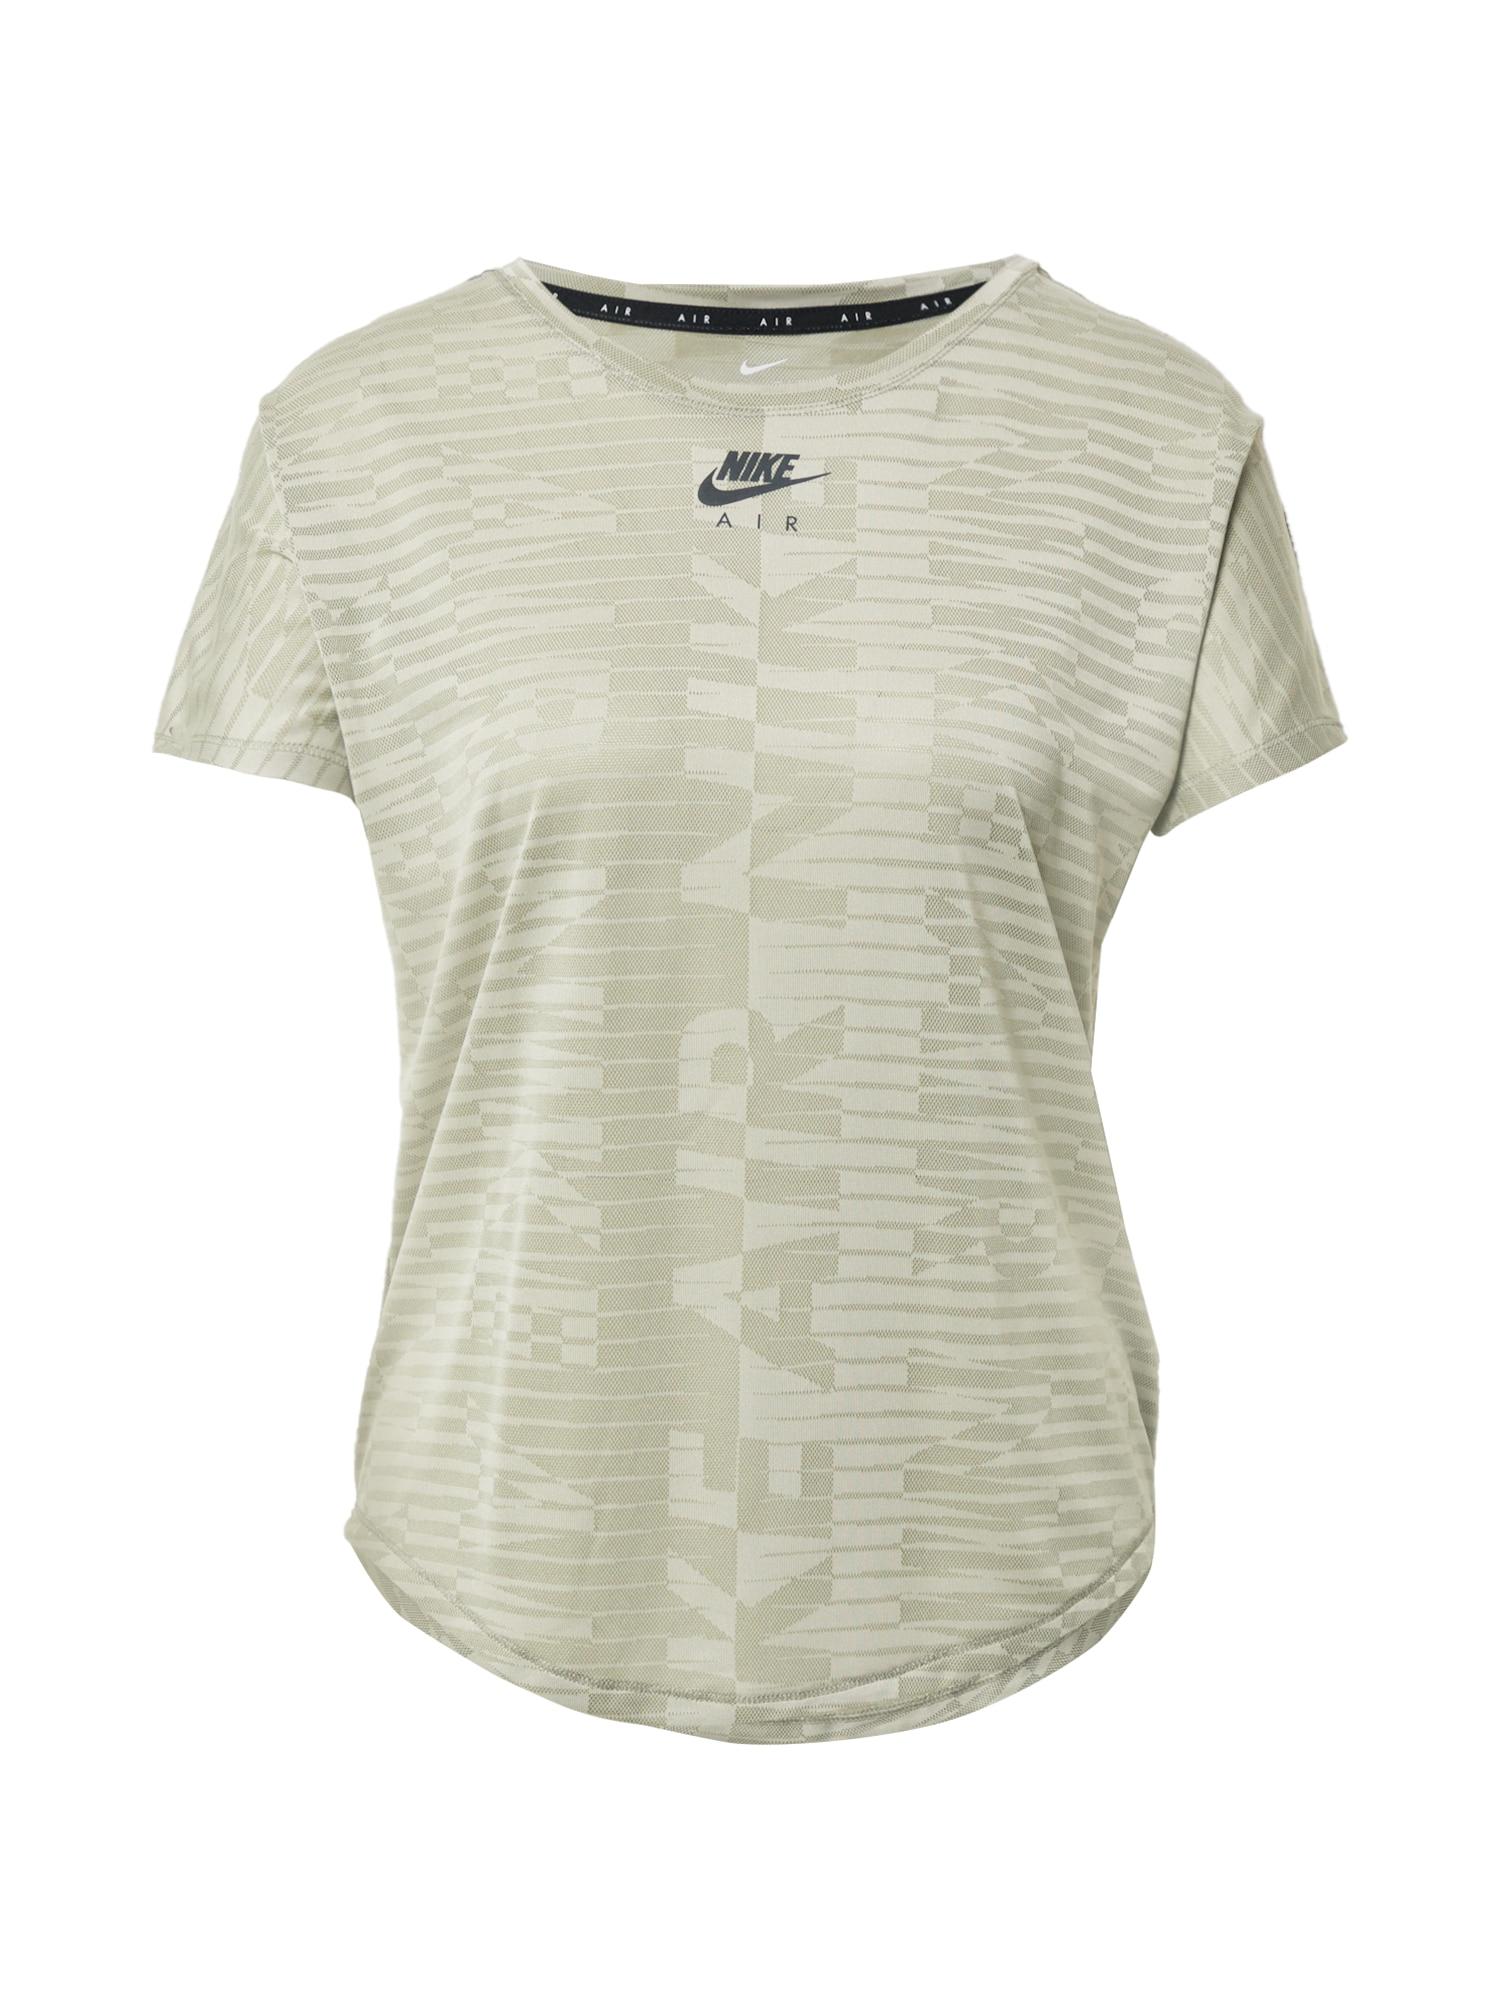 NIKE Sportiniai marškinėliai akmens / rusvai žalia